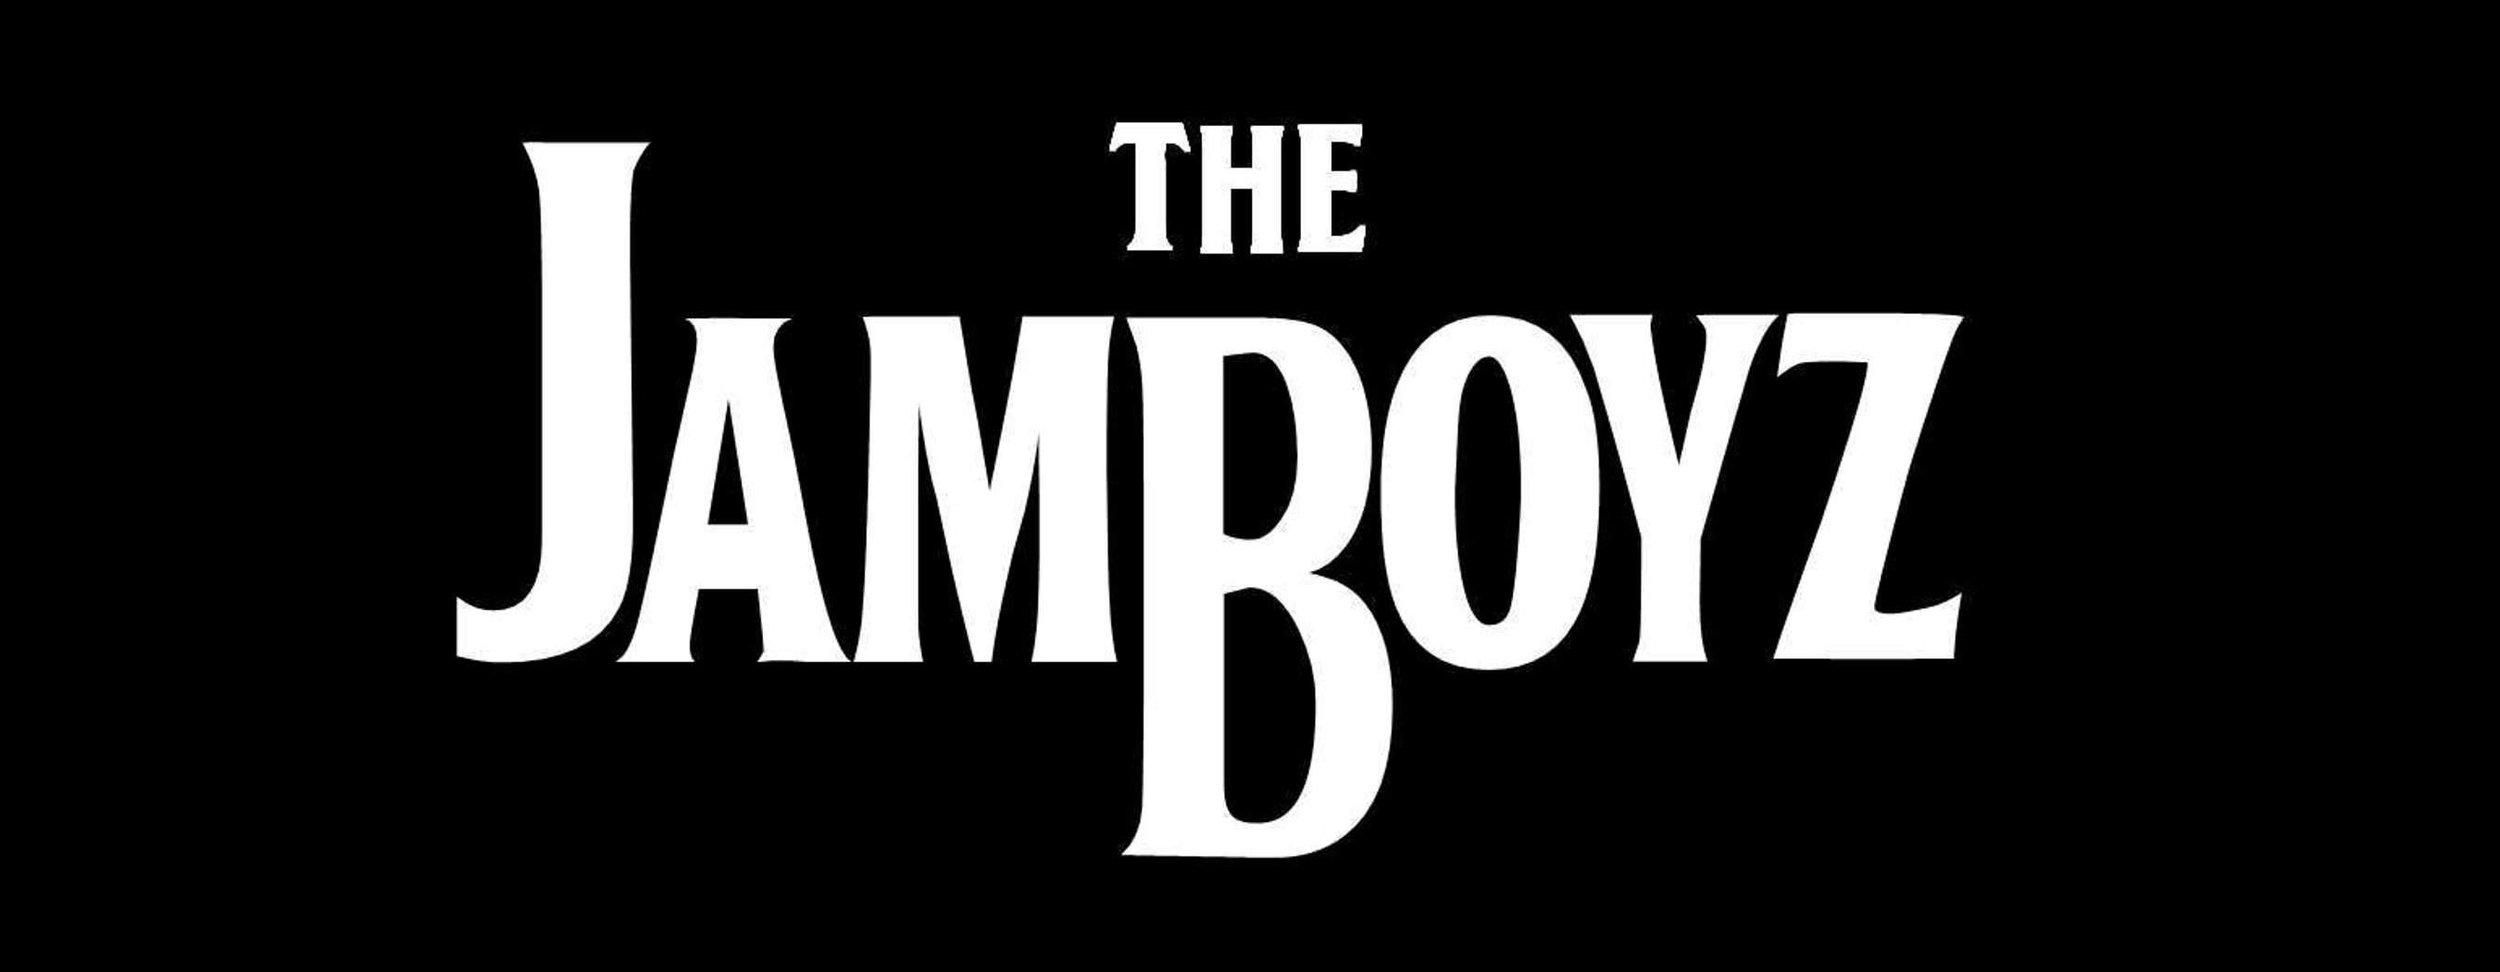 JamBoyz-livemusic-friday